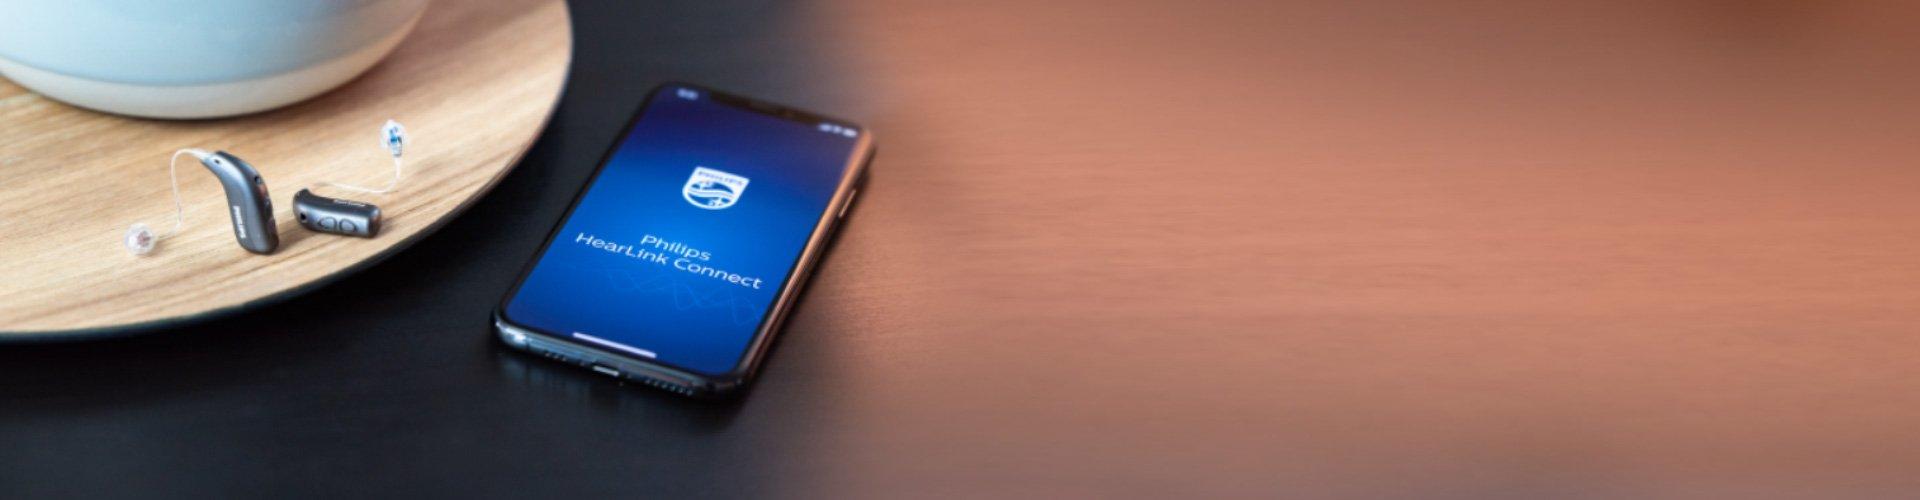 Des appareils auditifs Philips HearLink posés à côté d'un smartphone avec l'application Philips HearLink Connect ouverte.